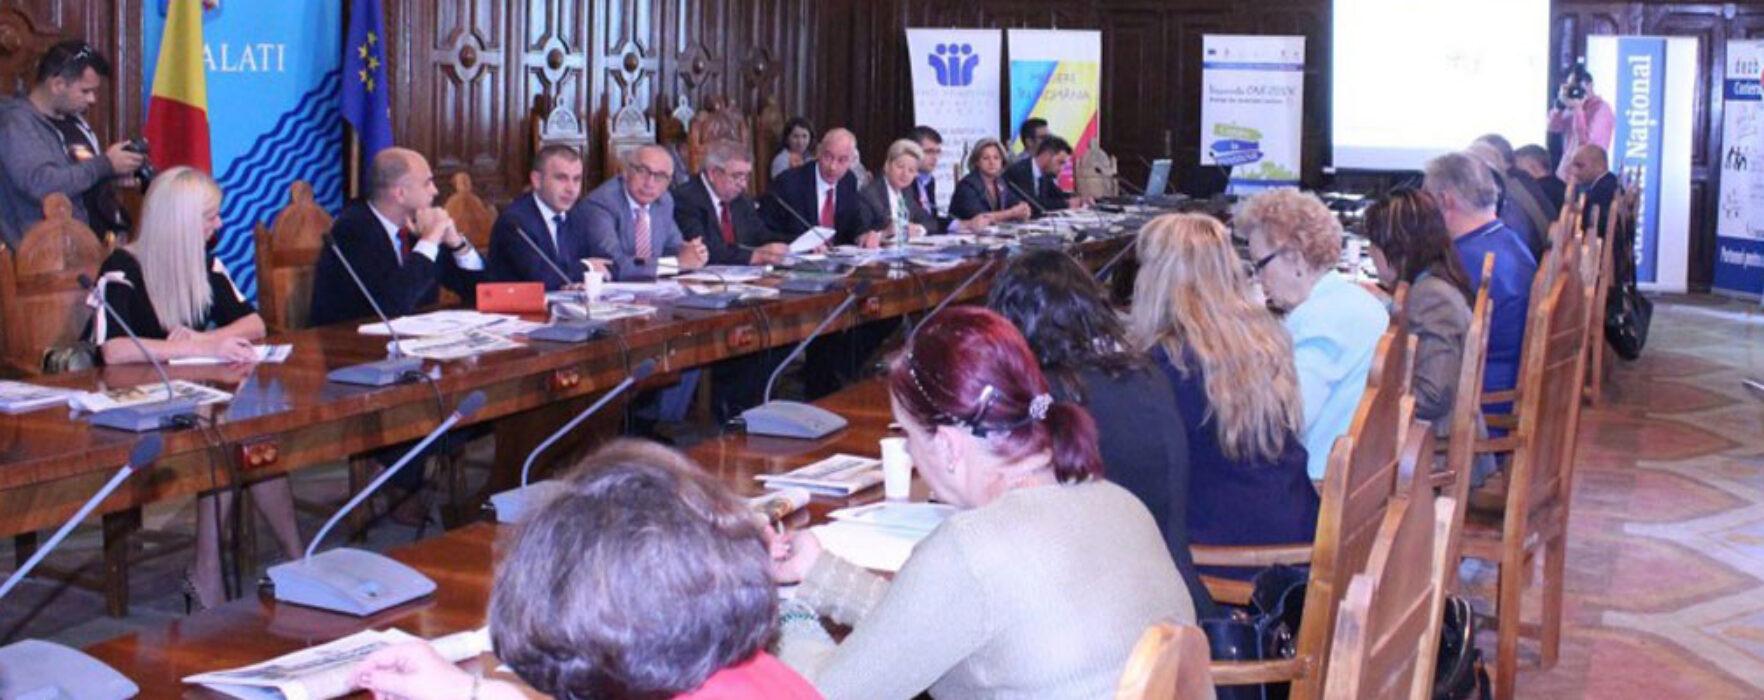 stiriDB – partener media la dezbaterea Curierului Naţional, 'Parteneri pentru Dezvoltare'